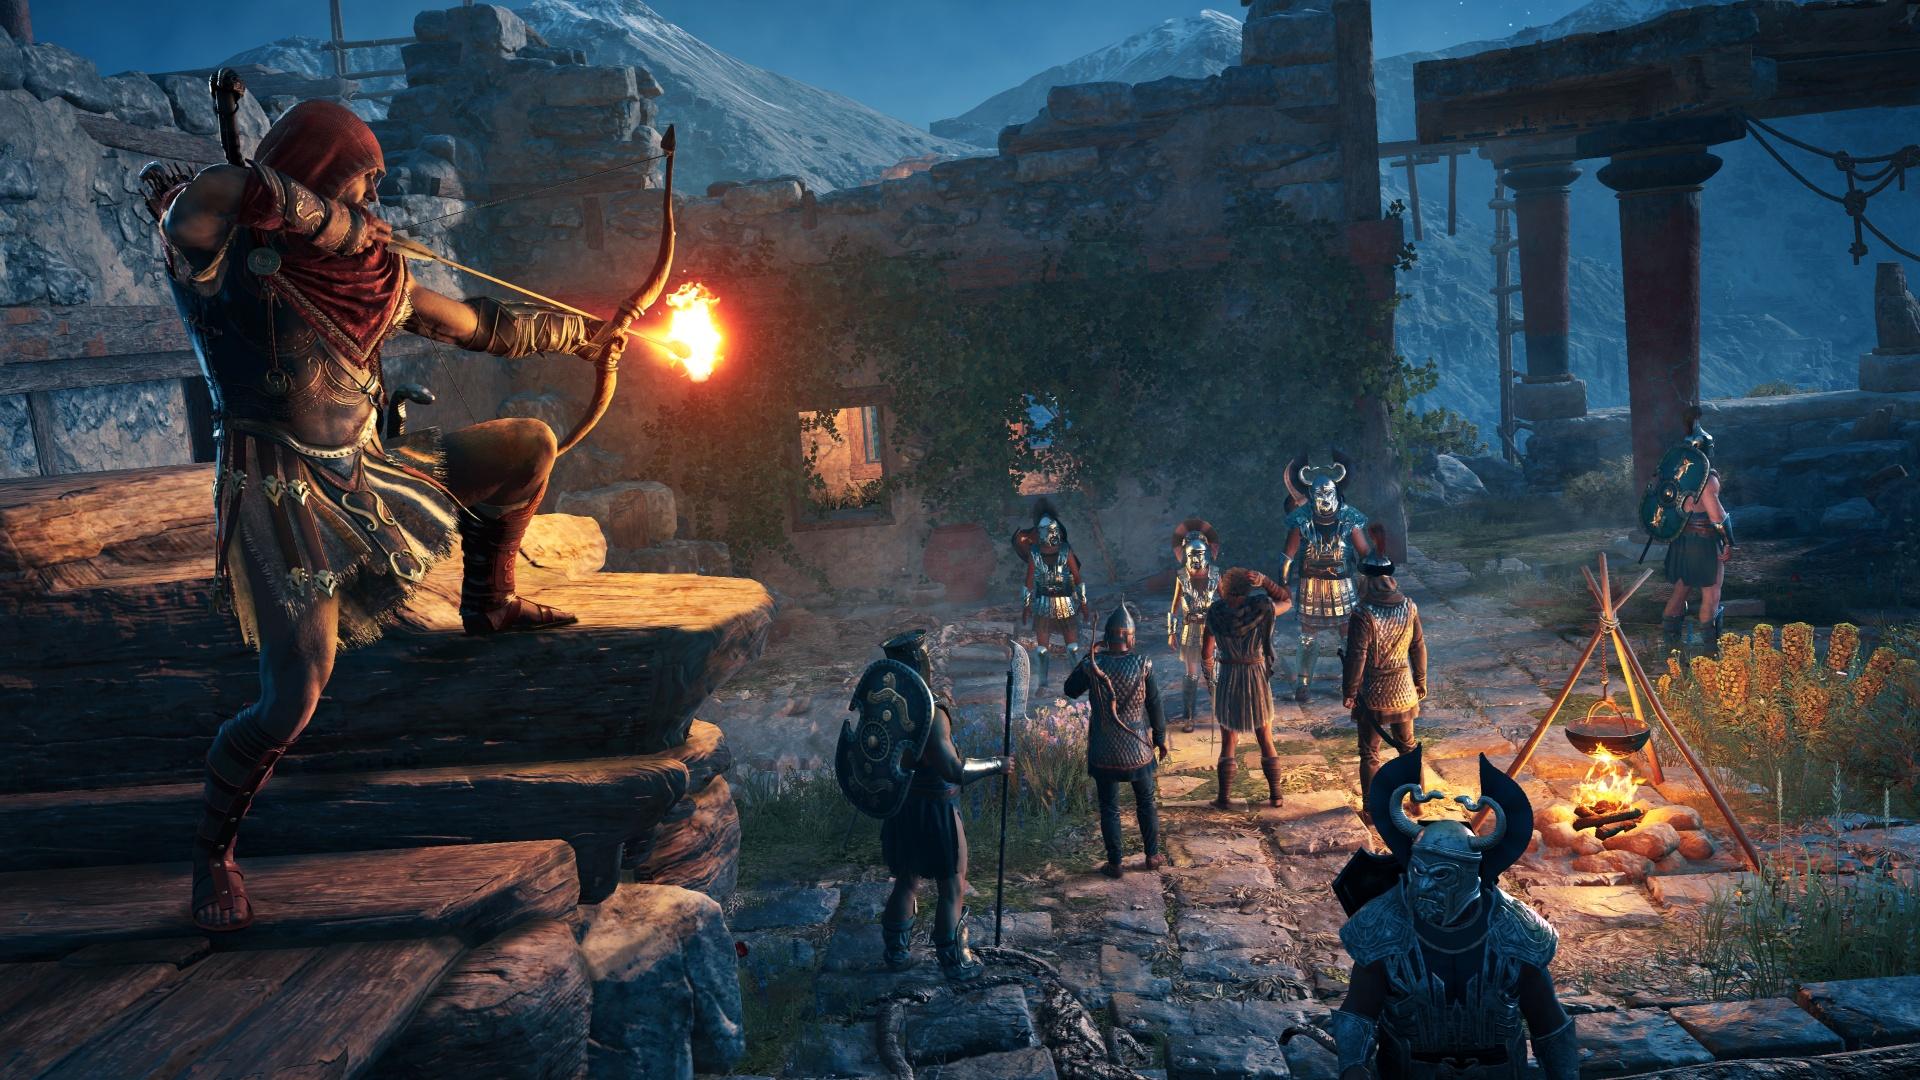 Второй эпизод «Судьбы Атлантиды» для Assassin's Creed Odyssey выйдет4 июня